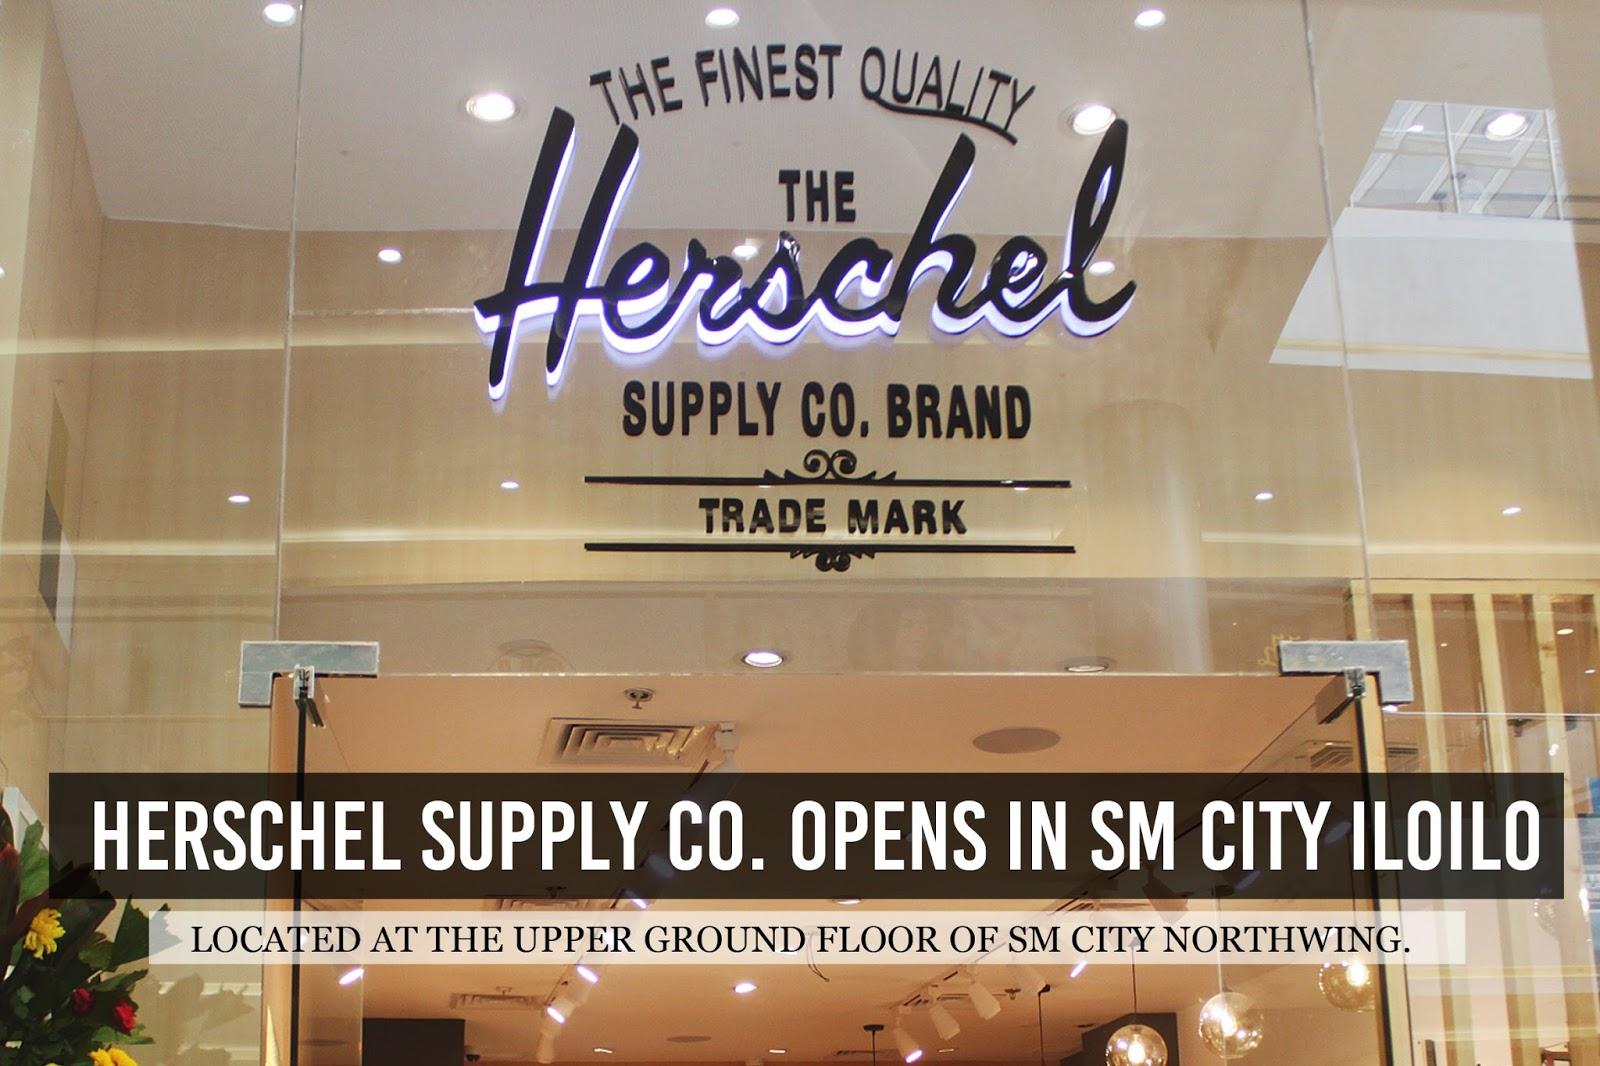 5b012bd87d HERSCHEL SUPPLY CO OPEN IN SM CITY ILOILO